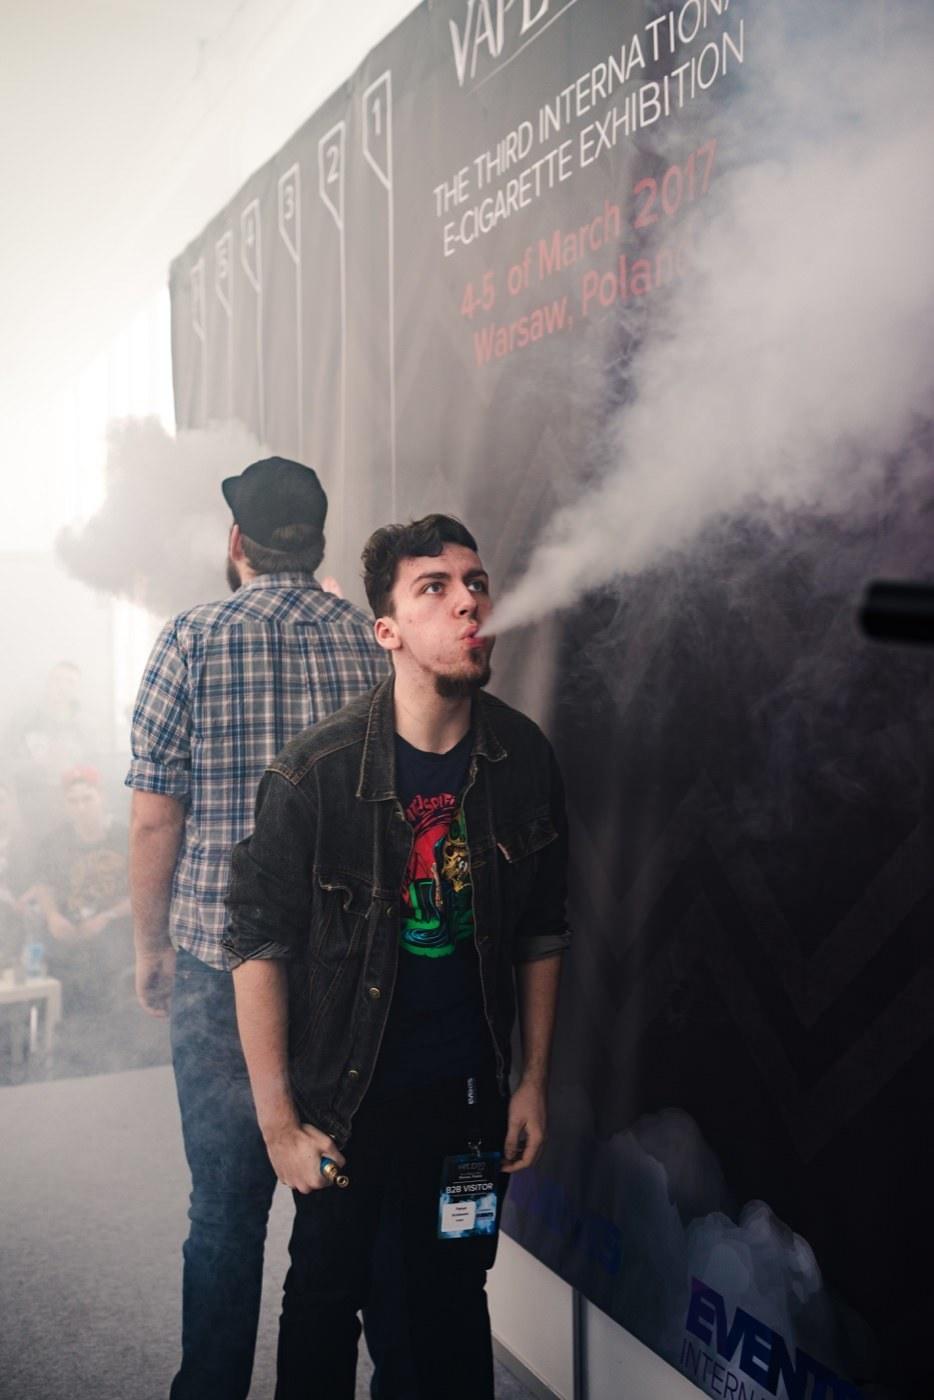 Konkurs na największą chmurę podczas vape expo